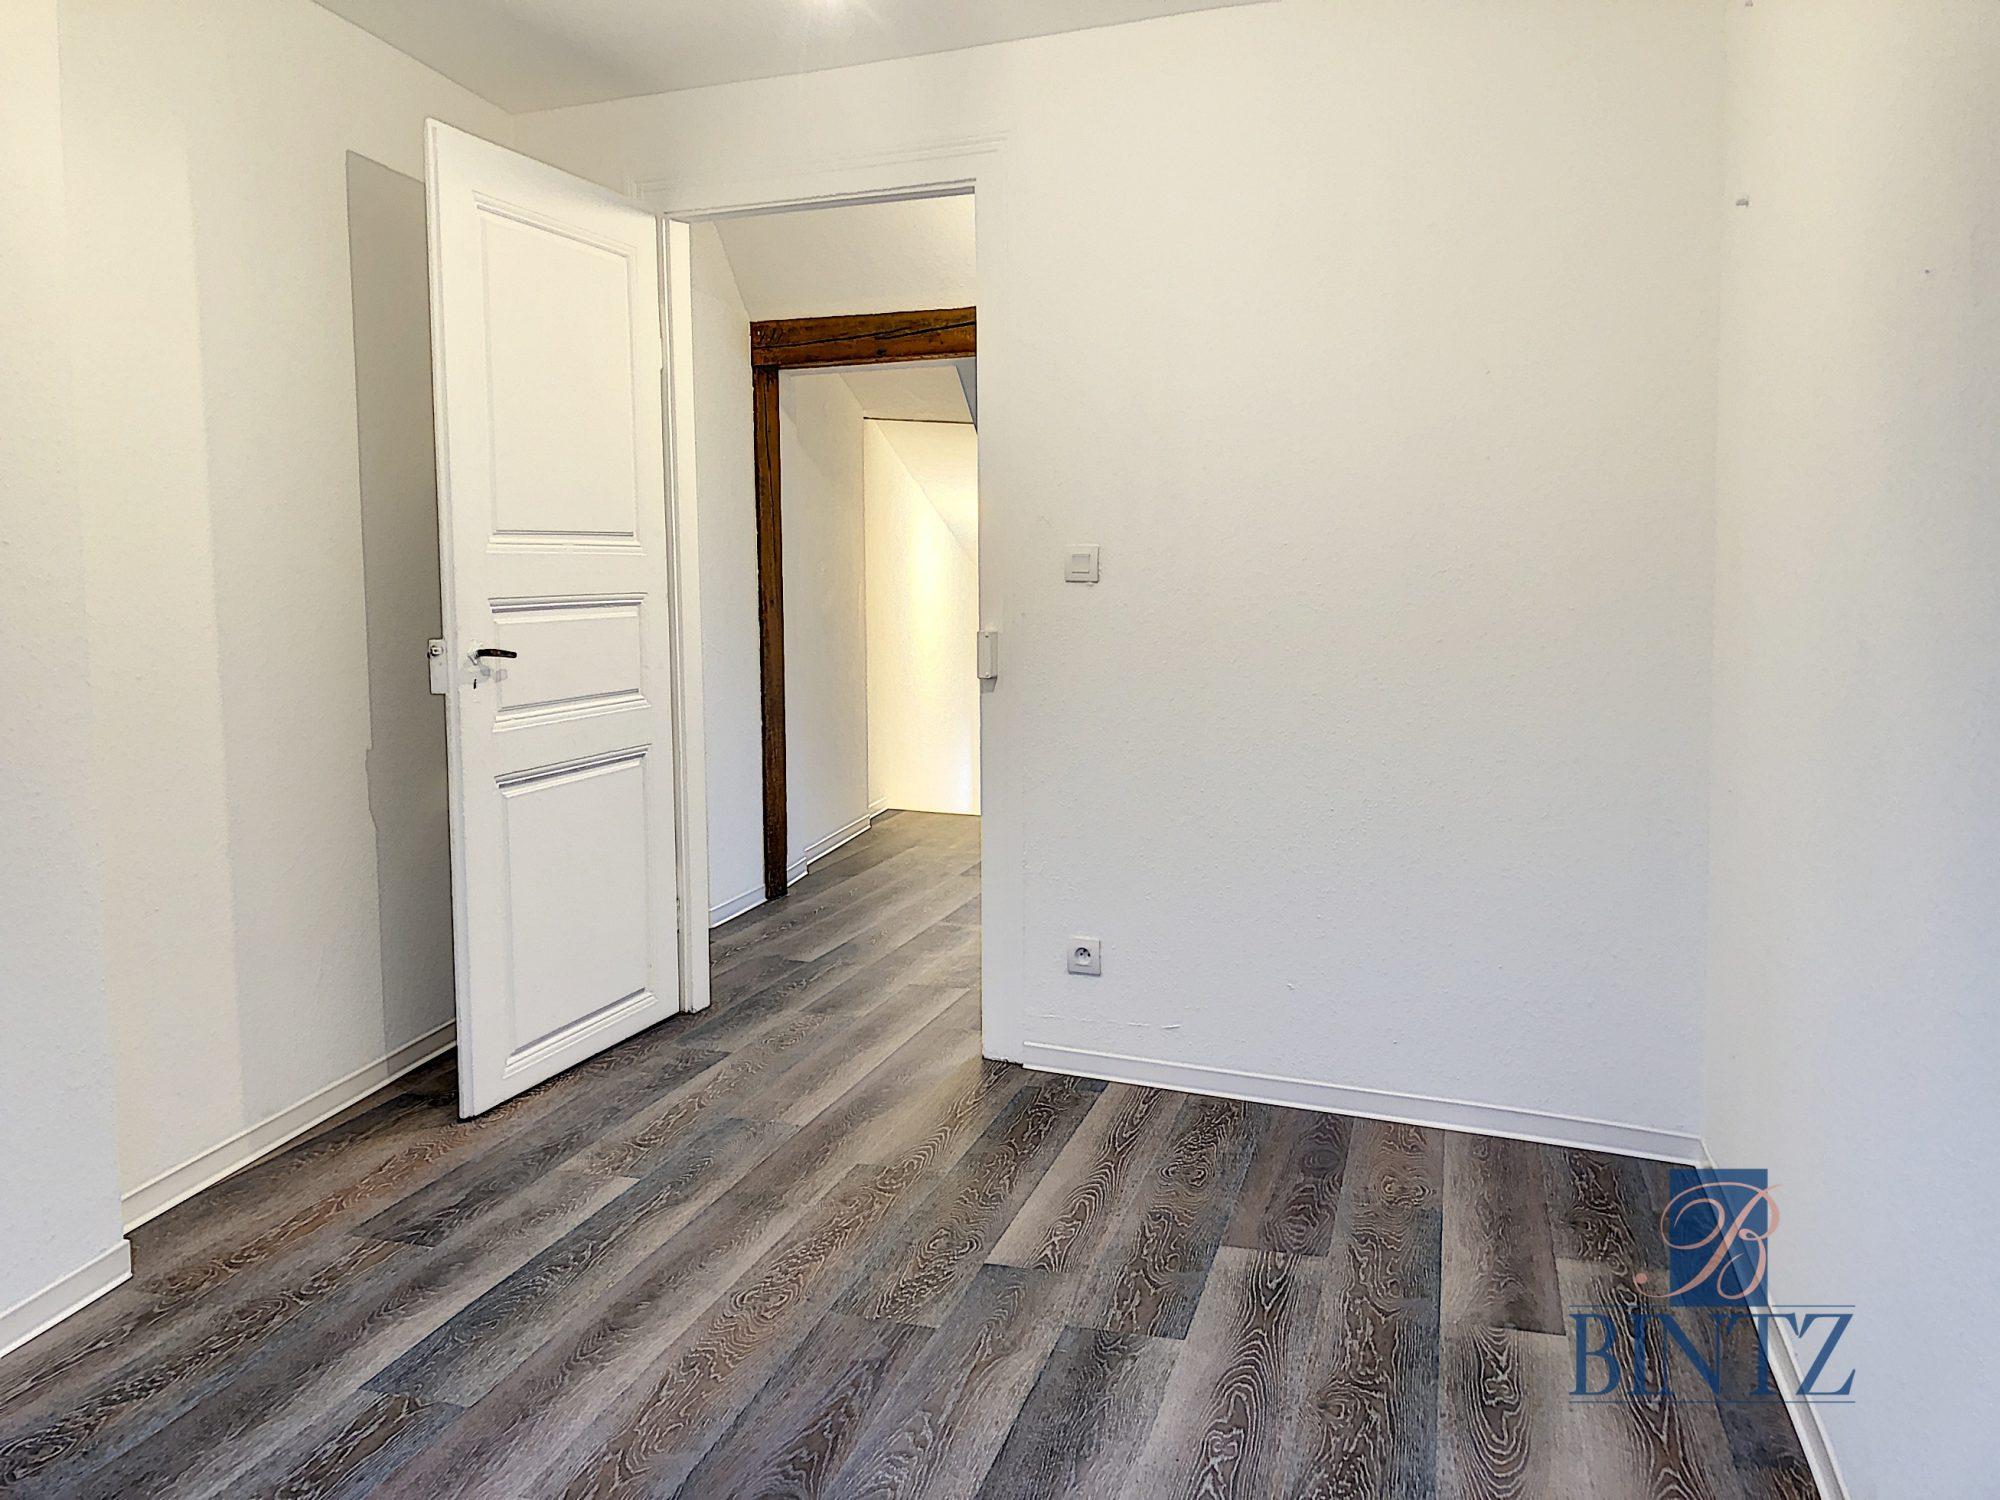 4 PIECES EN DUPLEX KRUTENAU - Devenez locataire en toute sérénité - Bintz Immobilier - 9